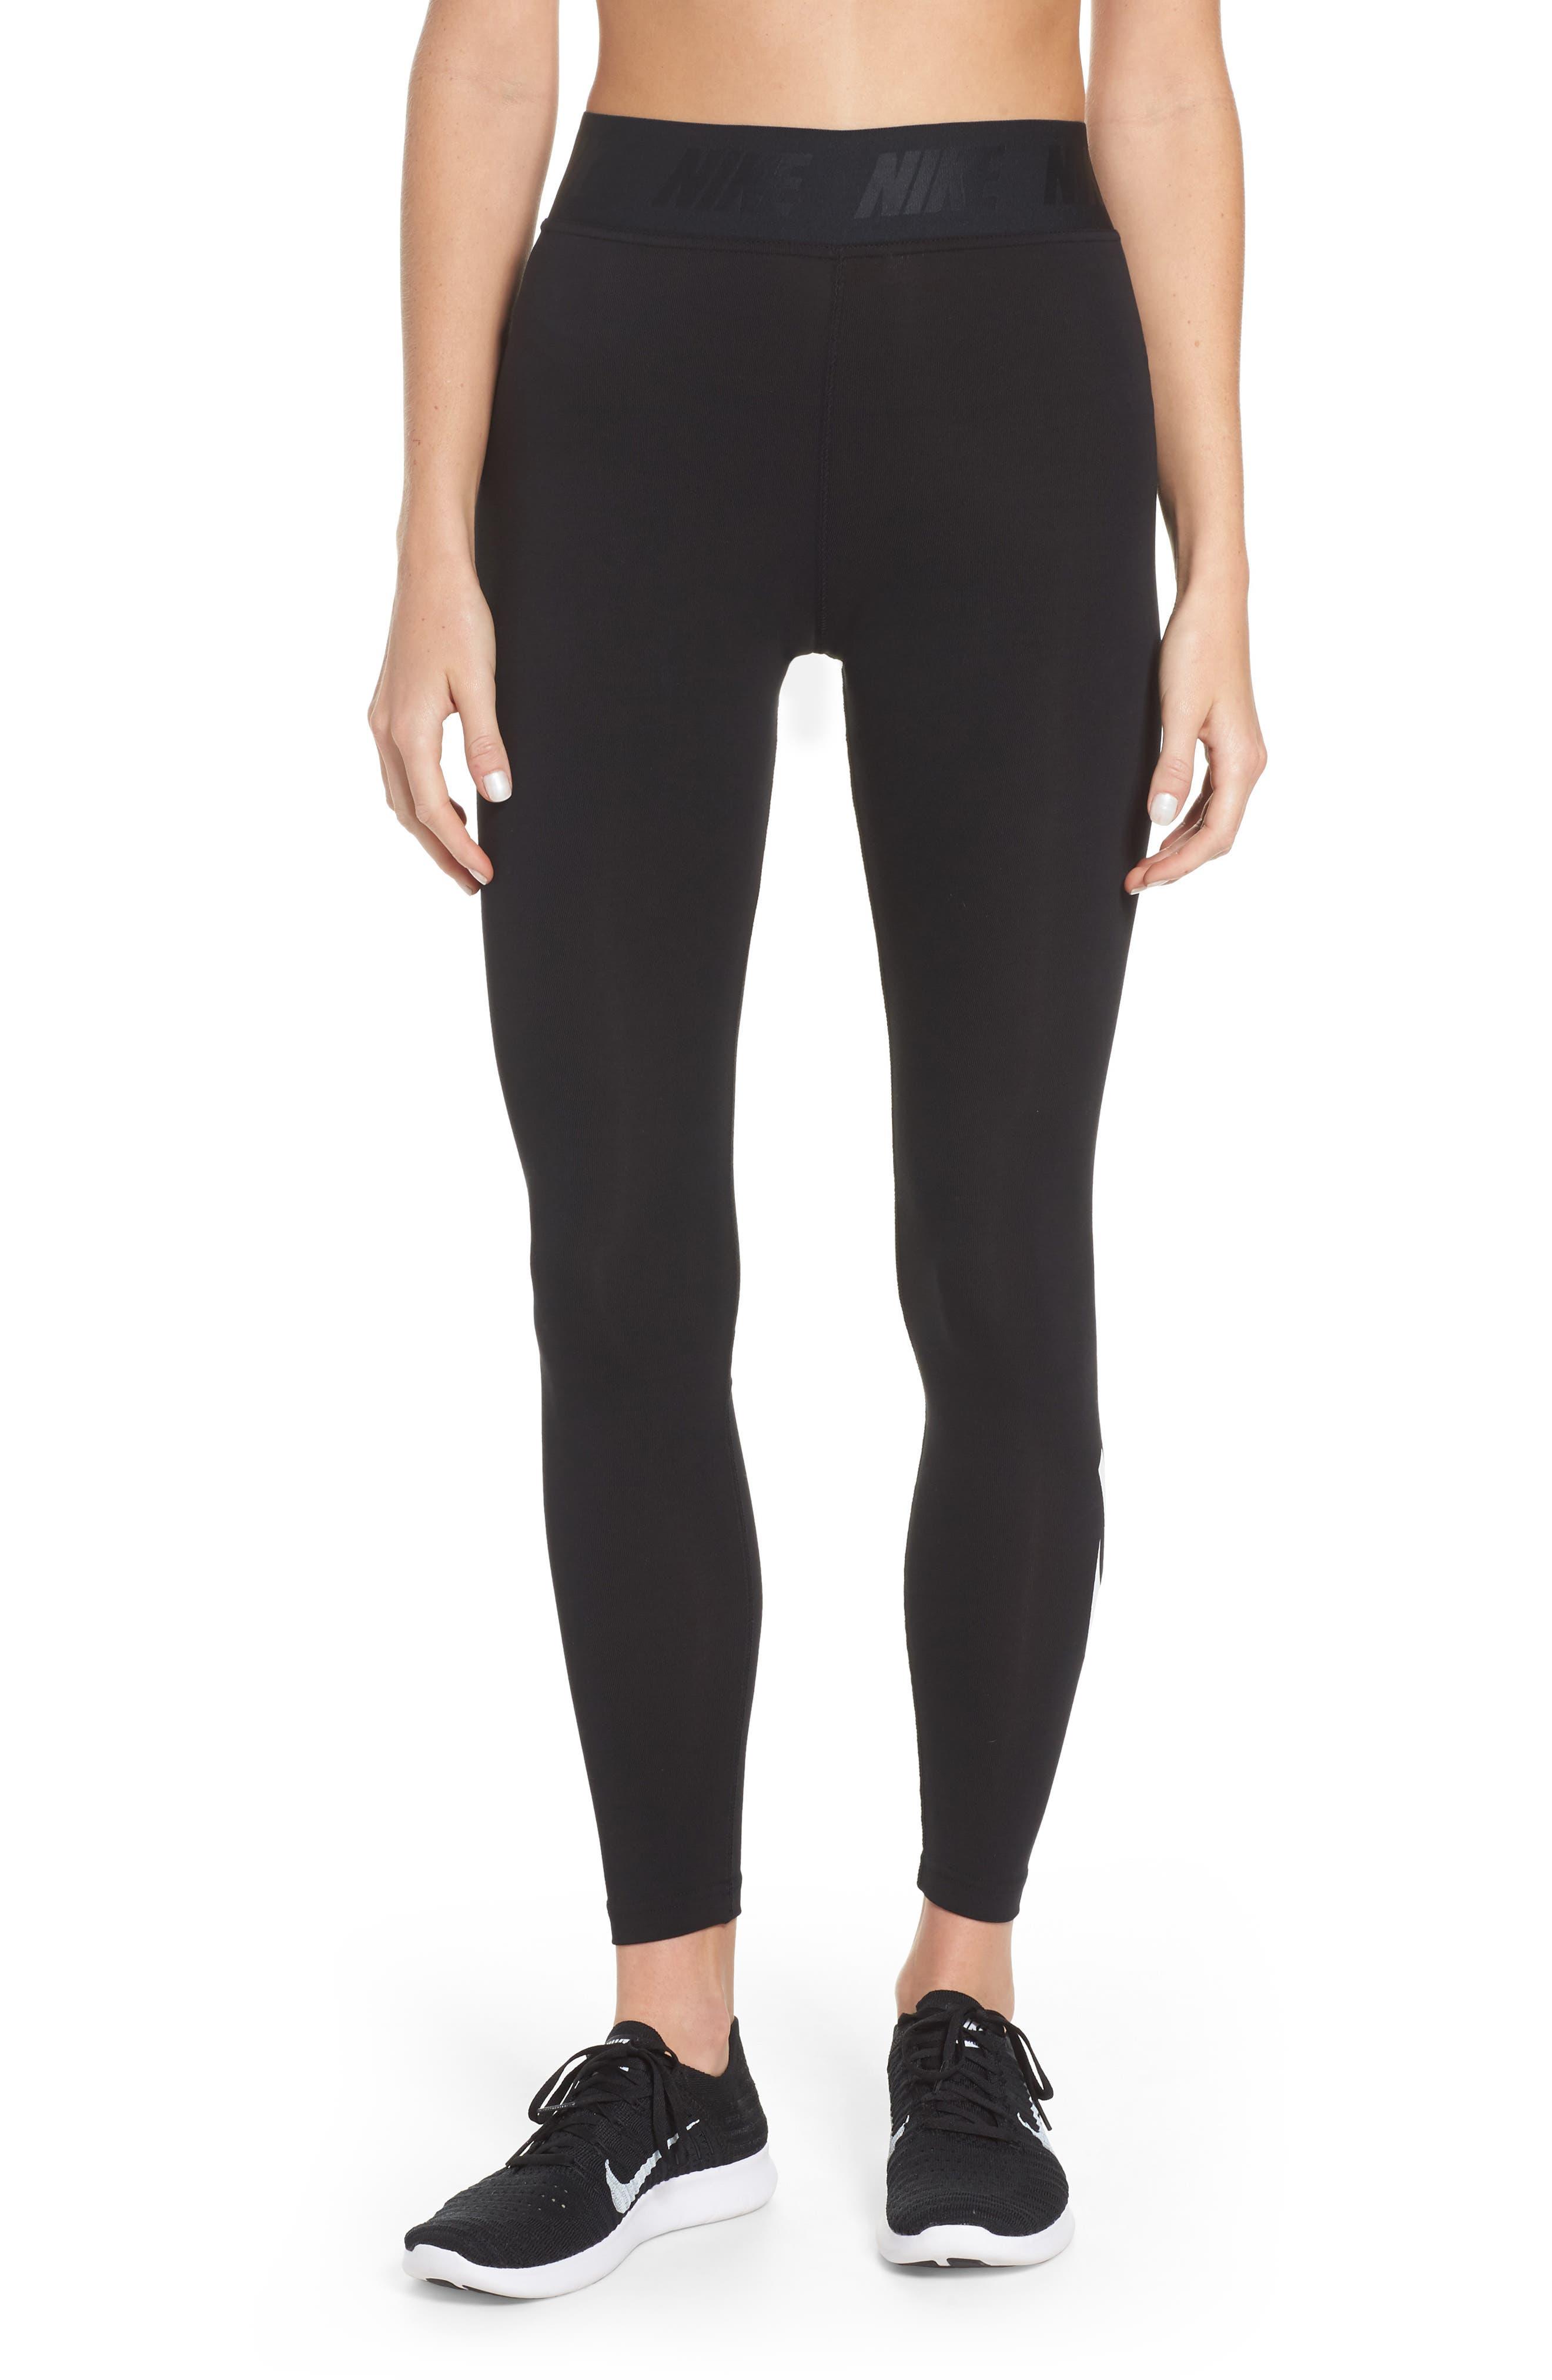 Leg-a-See High Waist Leggings,                         Main,                         color, Black/ White